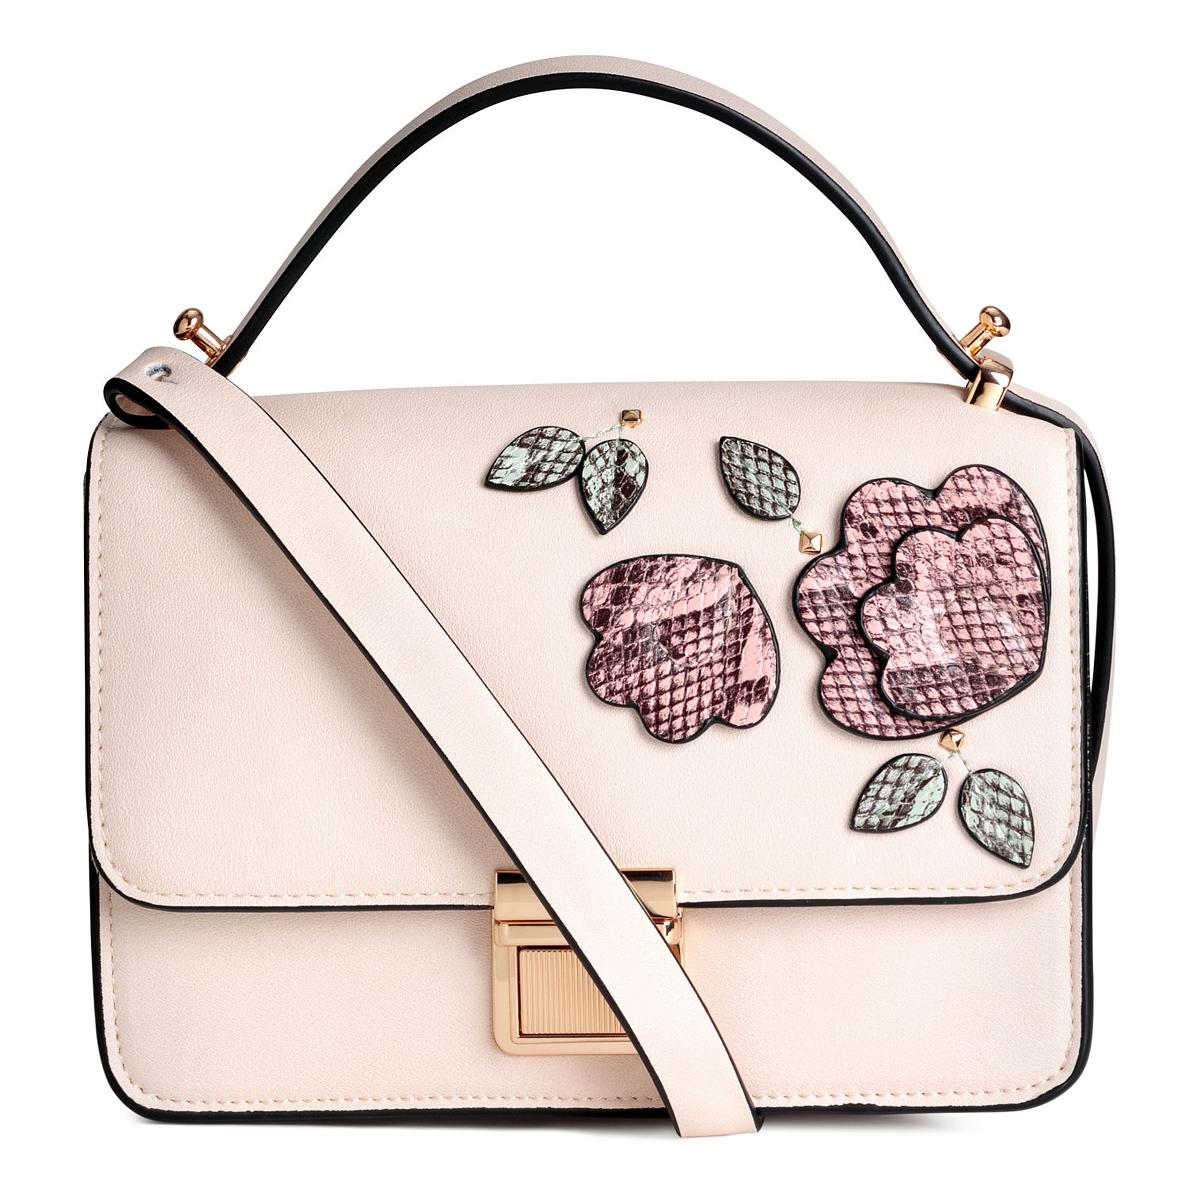 A romantikus púderrózsaszín, virágos táskák sem sziruposak, ha nem lőnek túl a célon. A H&M darabja 8990 forintba kerül.